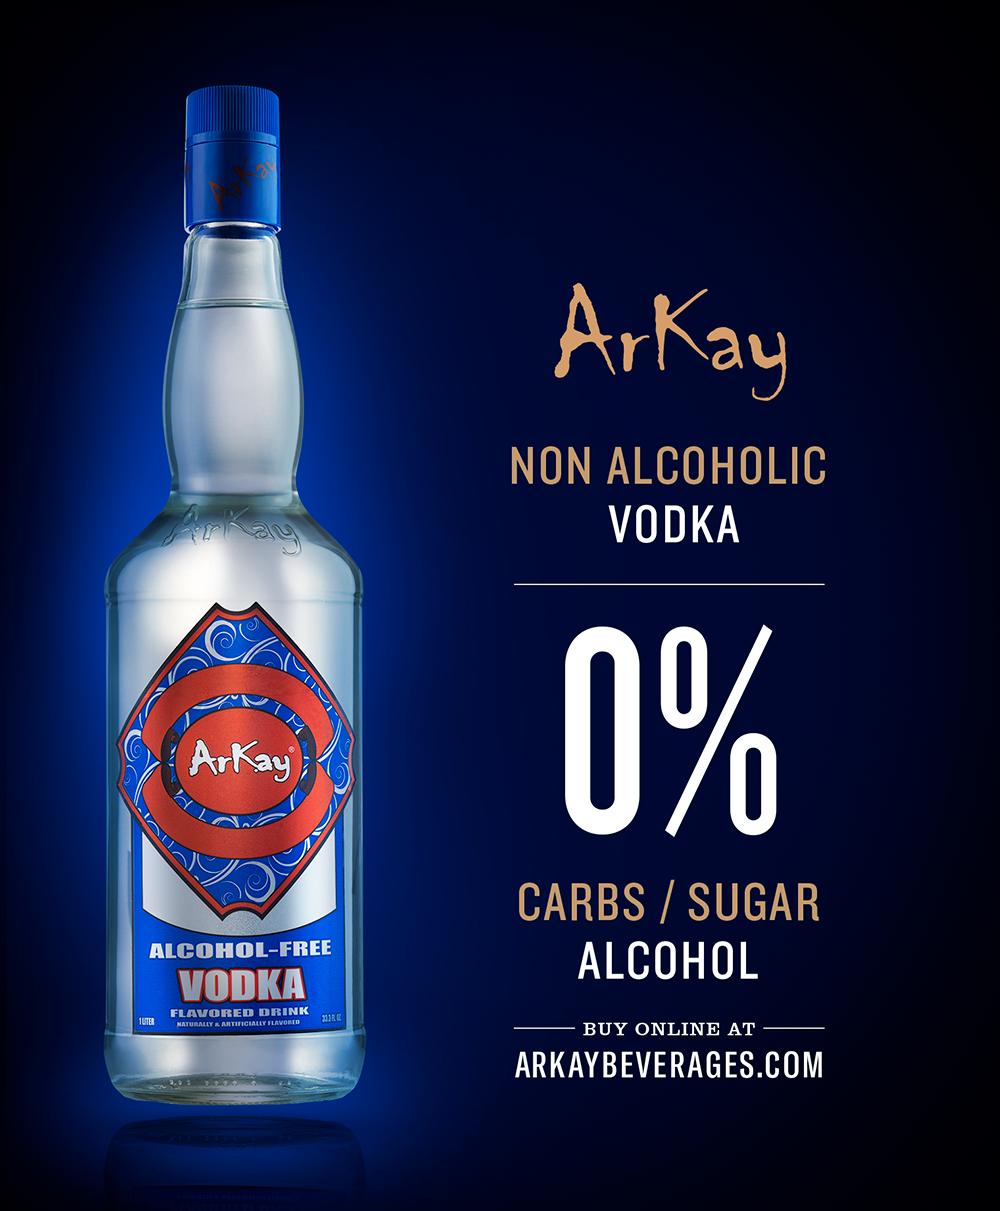 Foto de Arkay Vodka